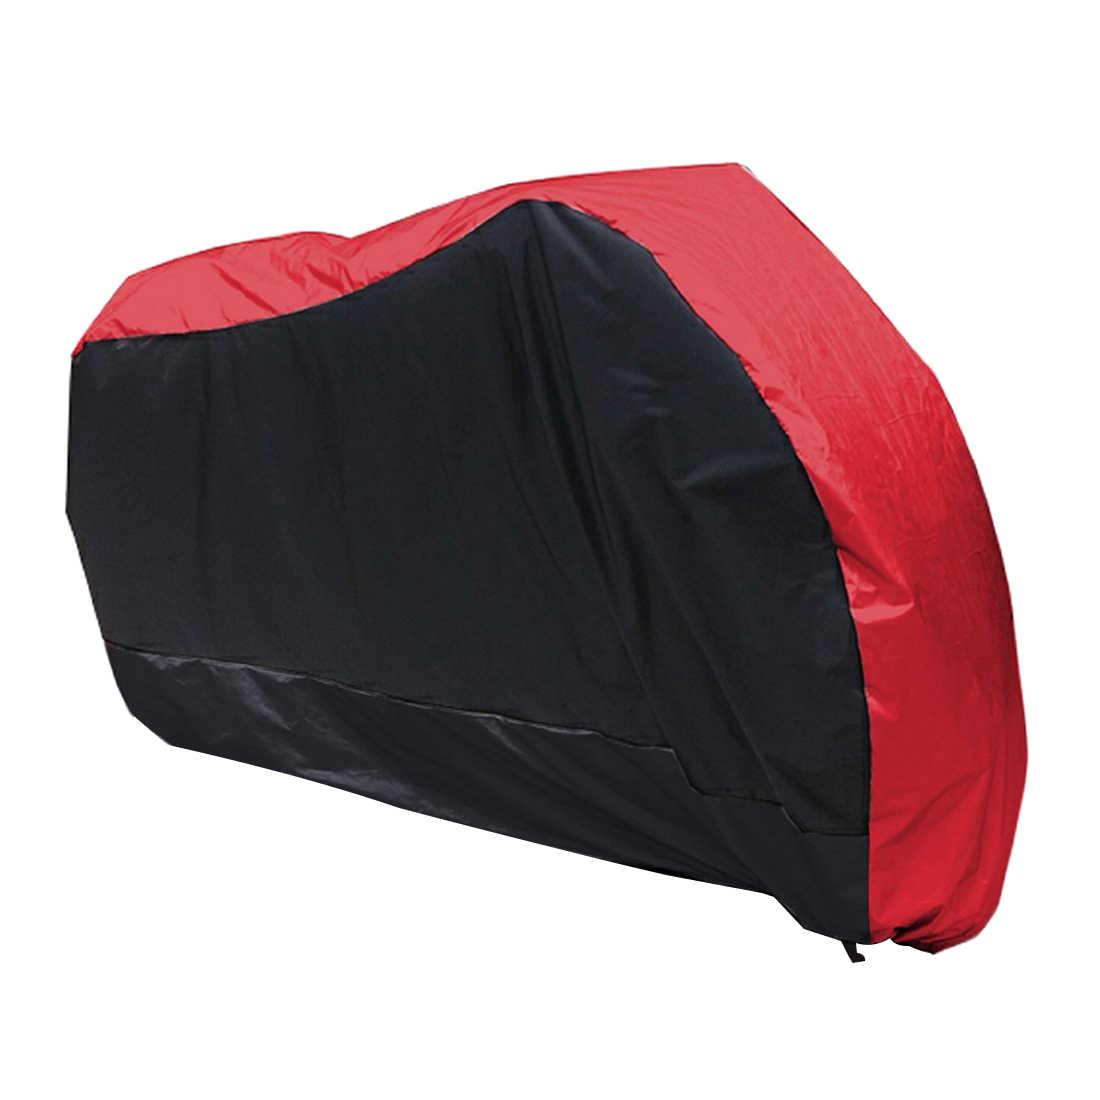 รถจักรยานยนต์ Street BIKE สกู๊ตเตอร์กันน้ำทนฝน UV ป้องกัน Breathable กลางแจ้งในร่ม + กระเป๋าเก็บ